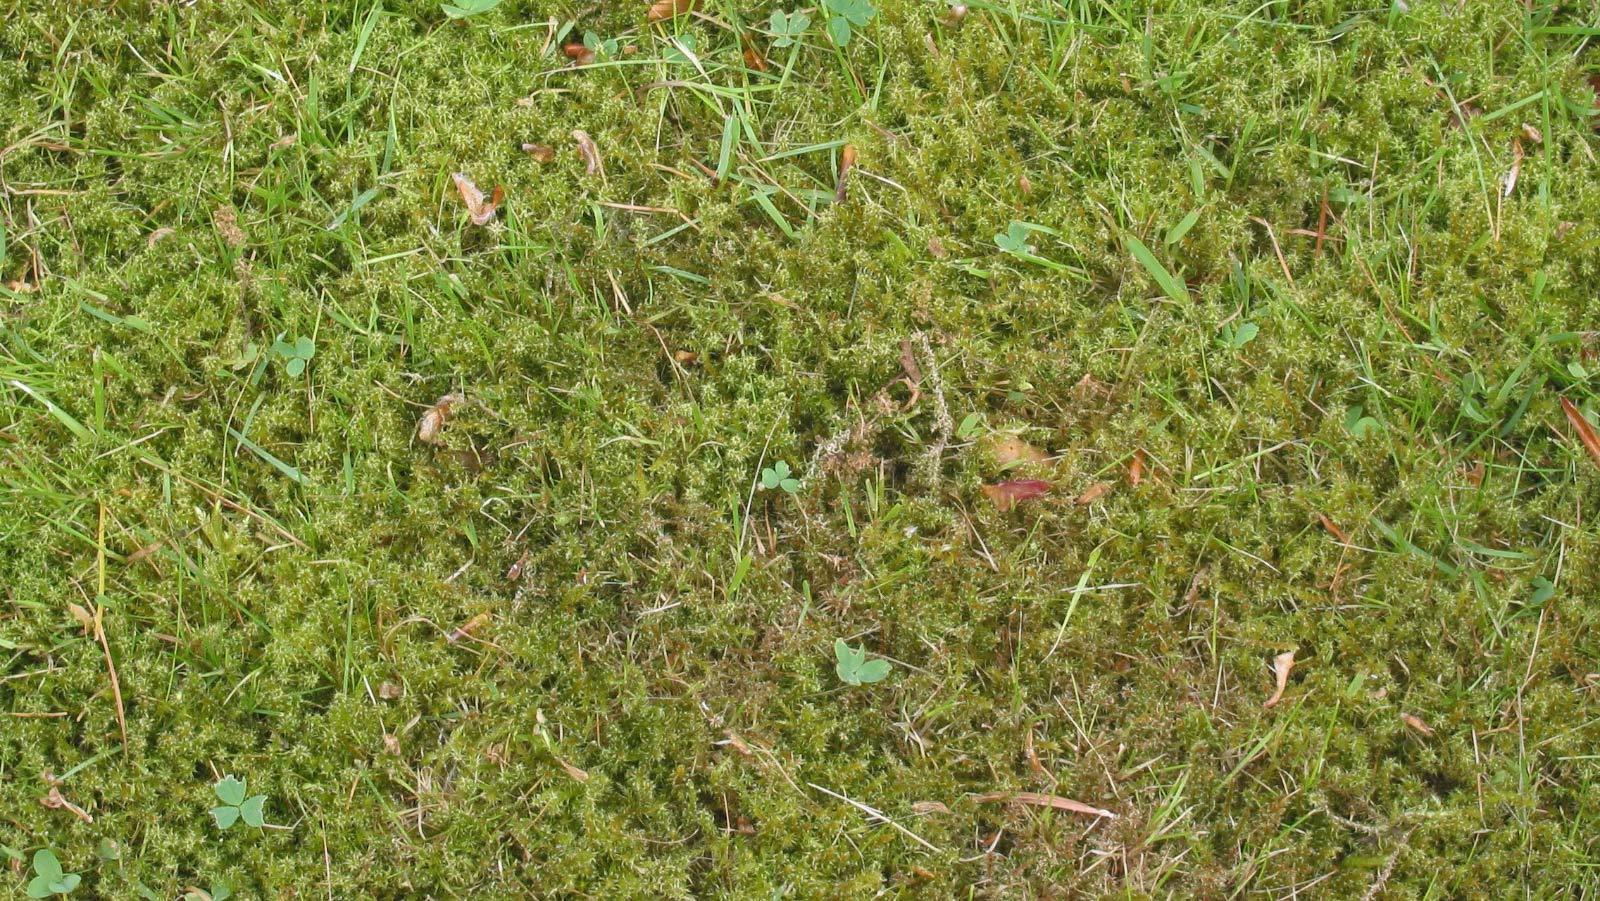 Poor lawn